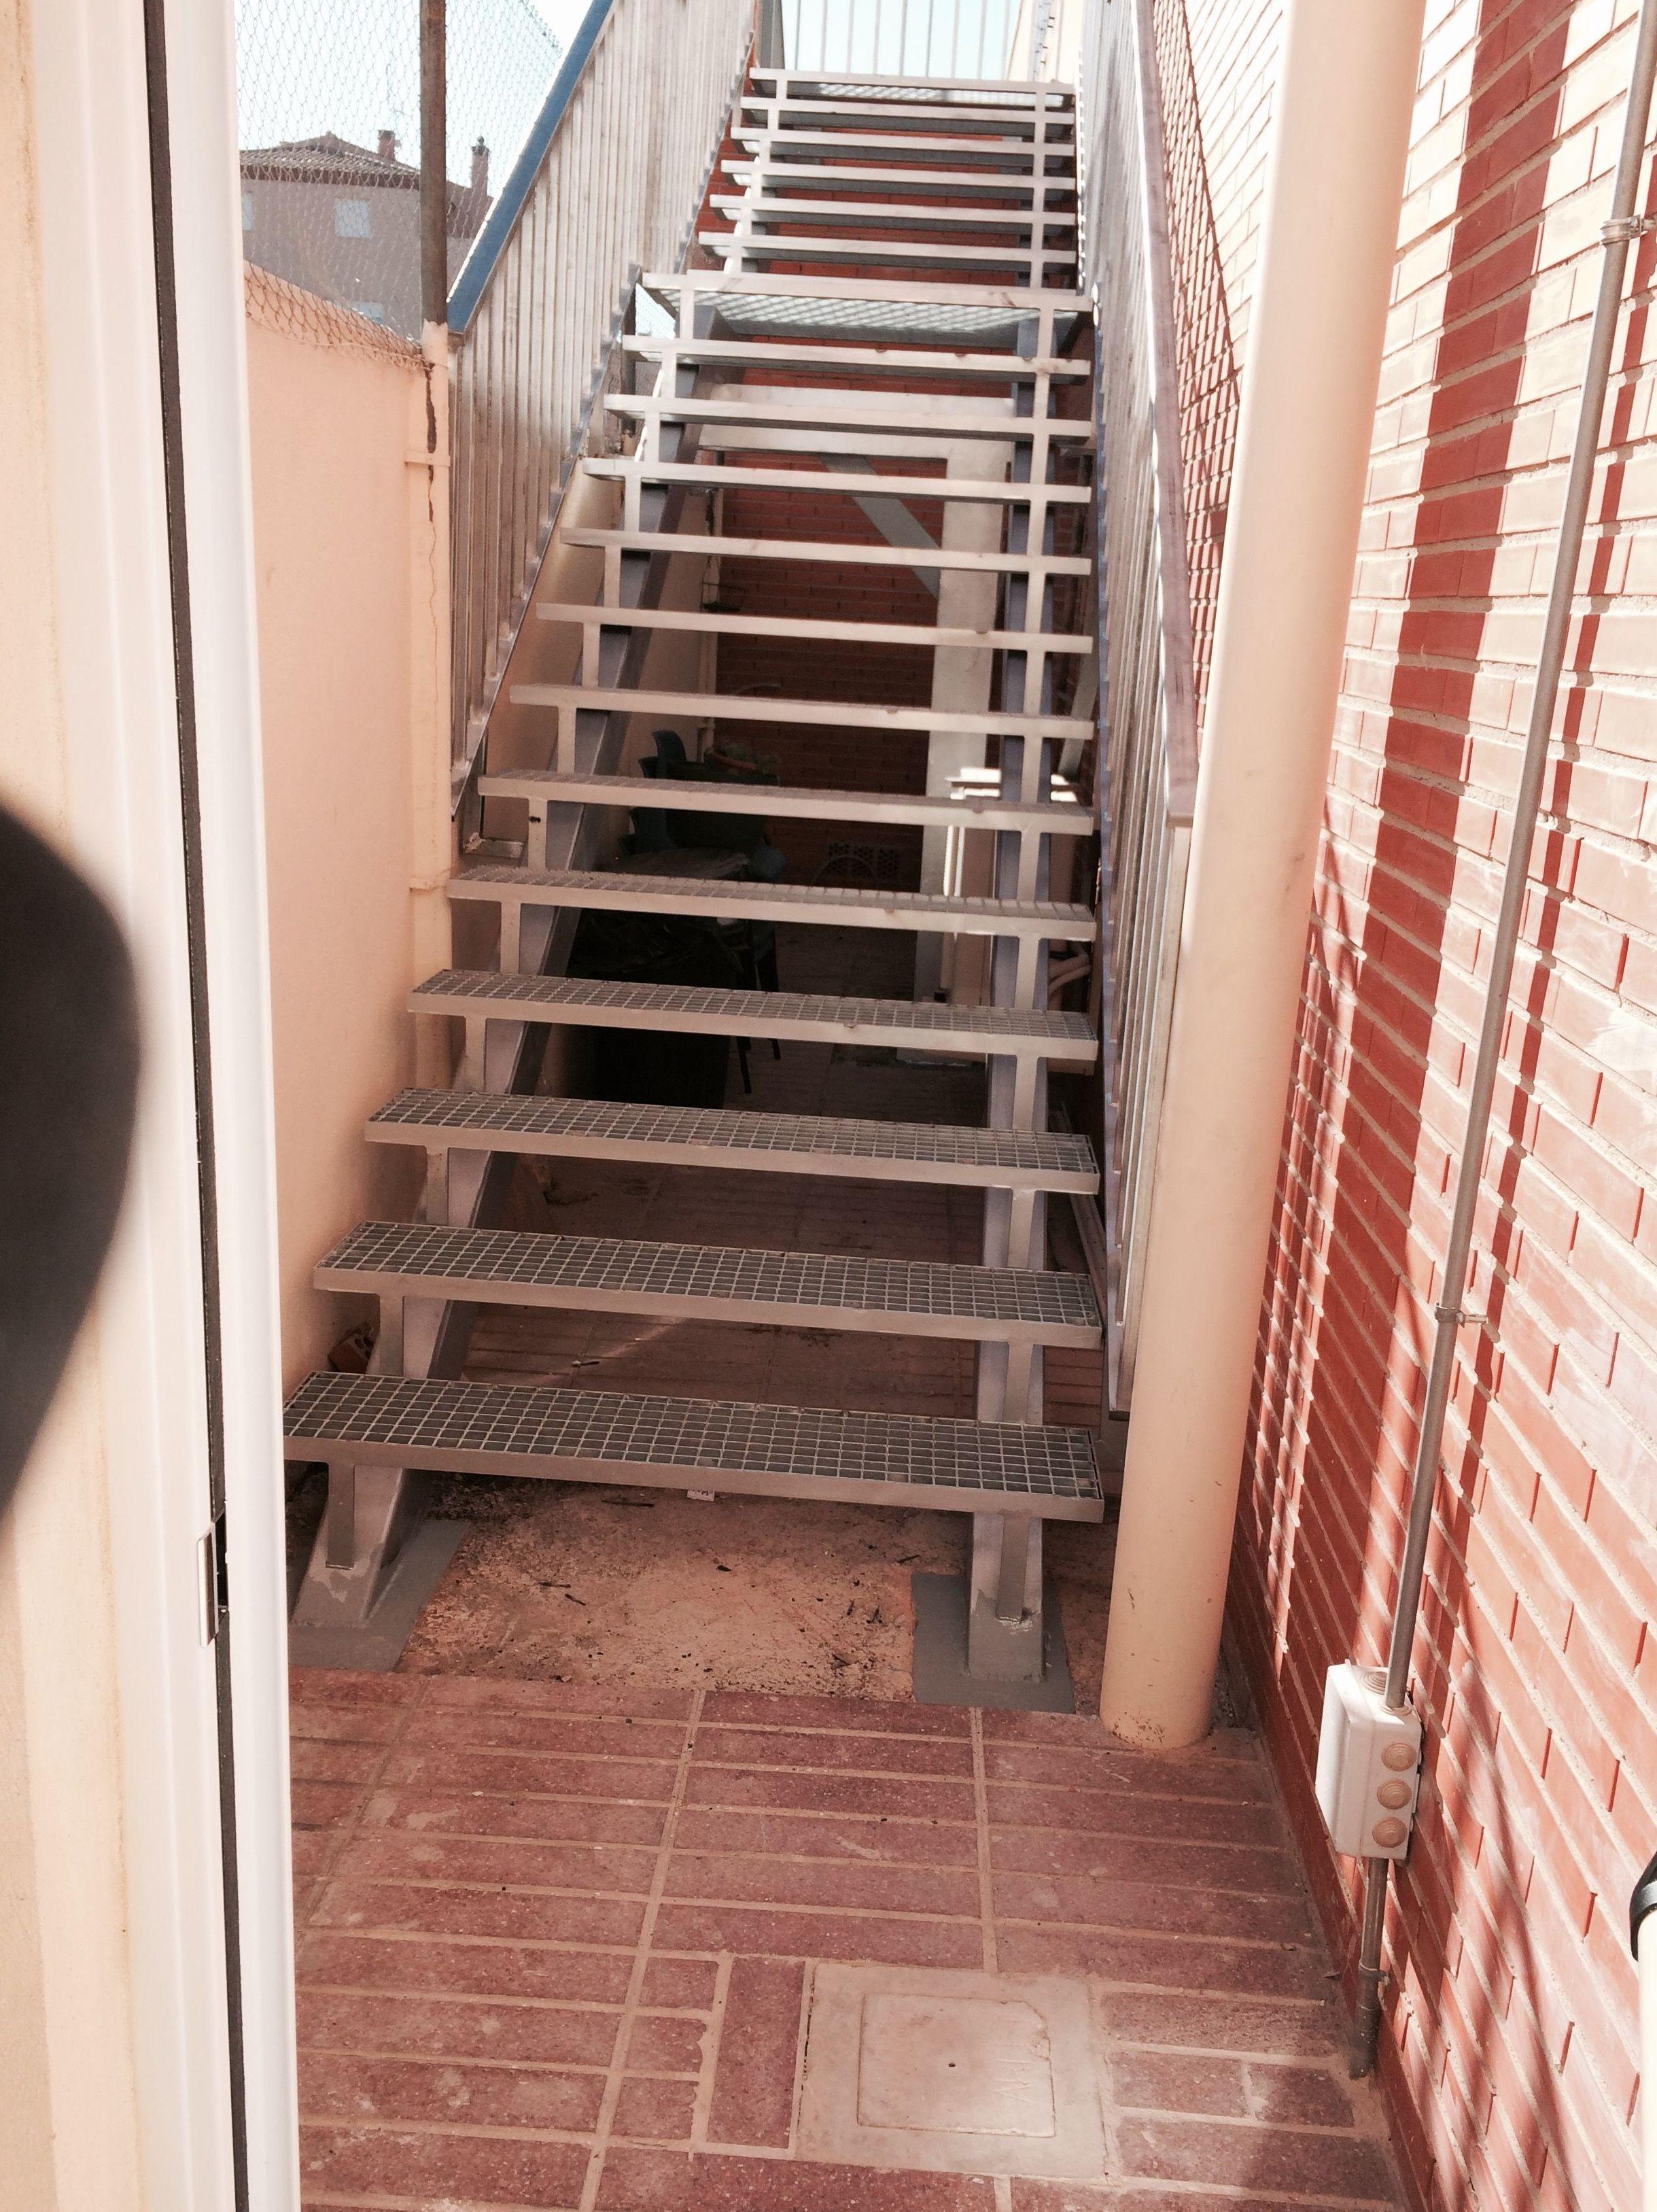 Escalera de hierro glava con peldaños de Tramex